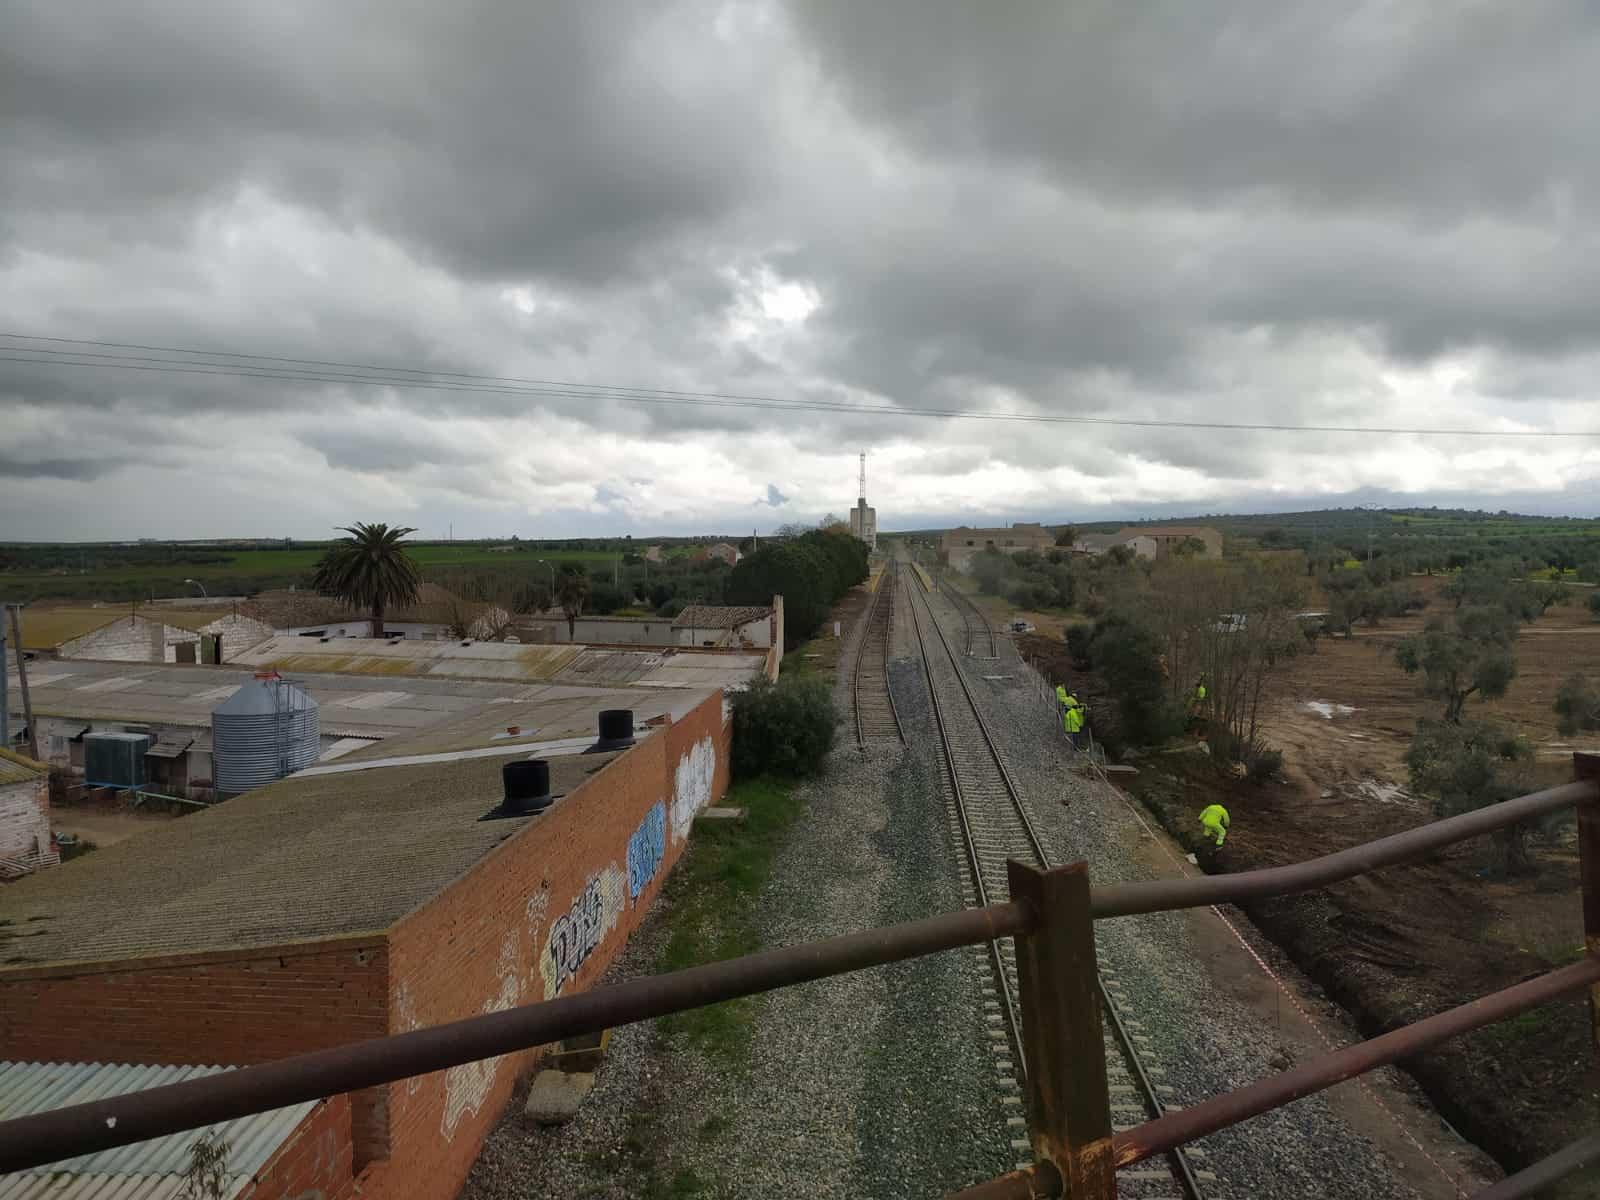 Alerta sanitaria y ferroviaria en la línea Madrid-Extremadura 3